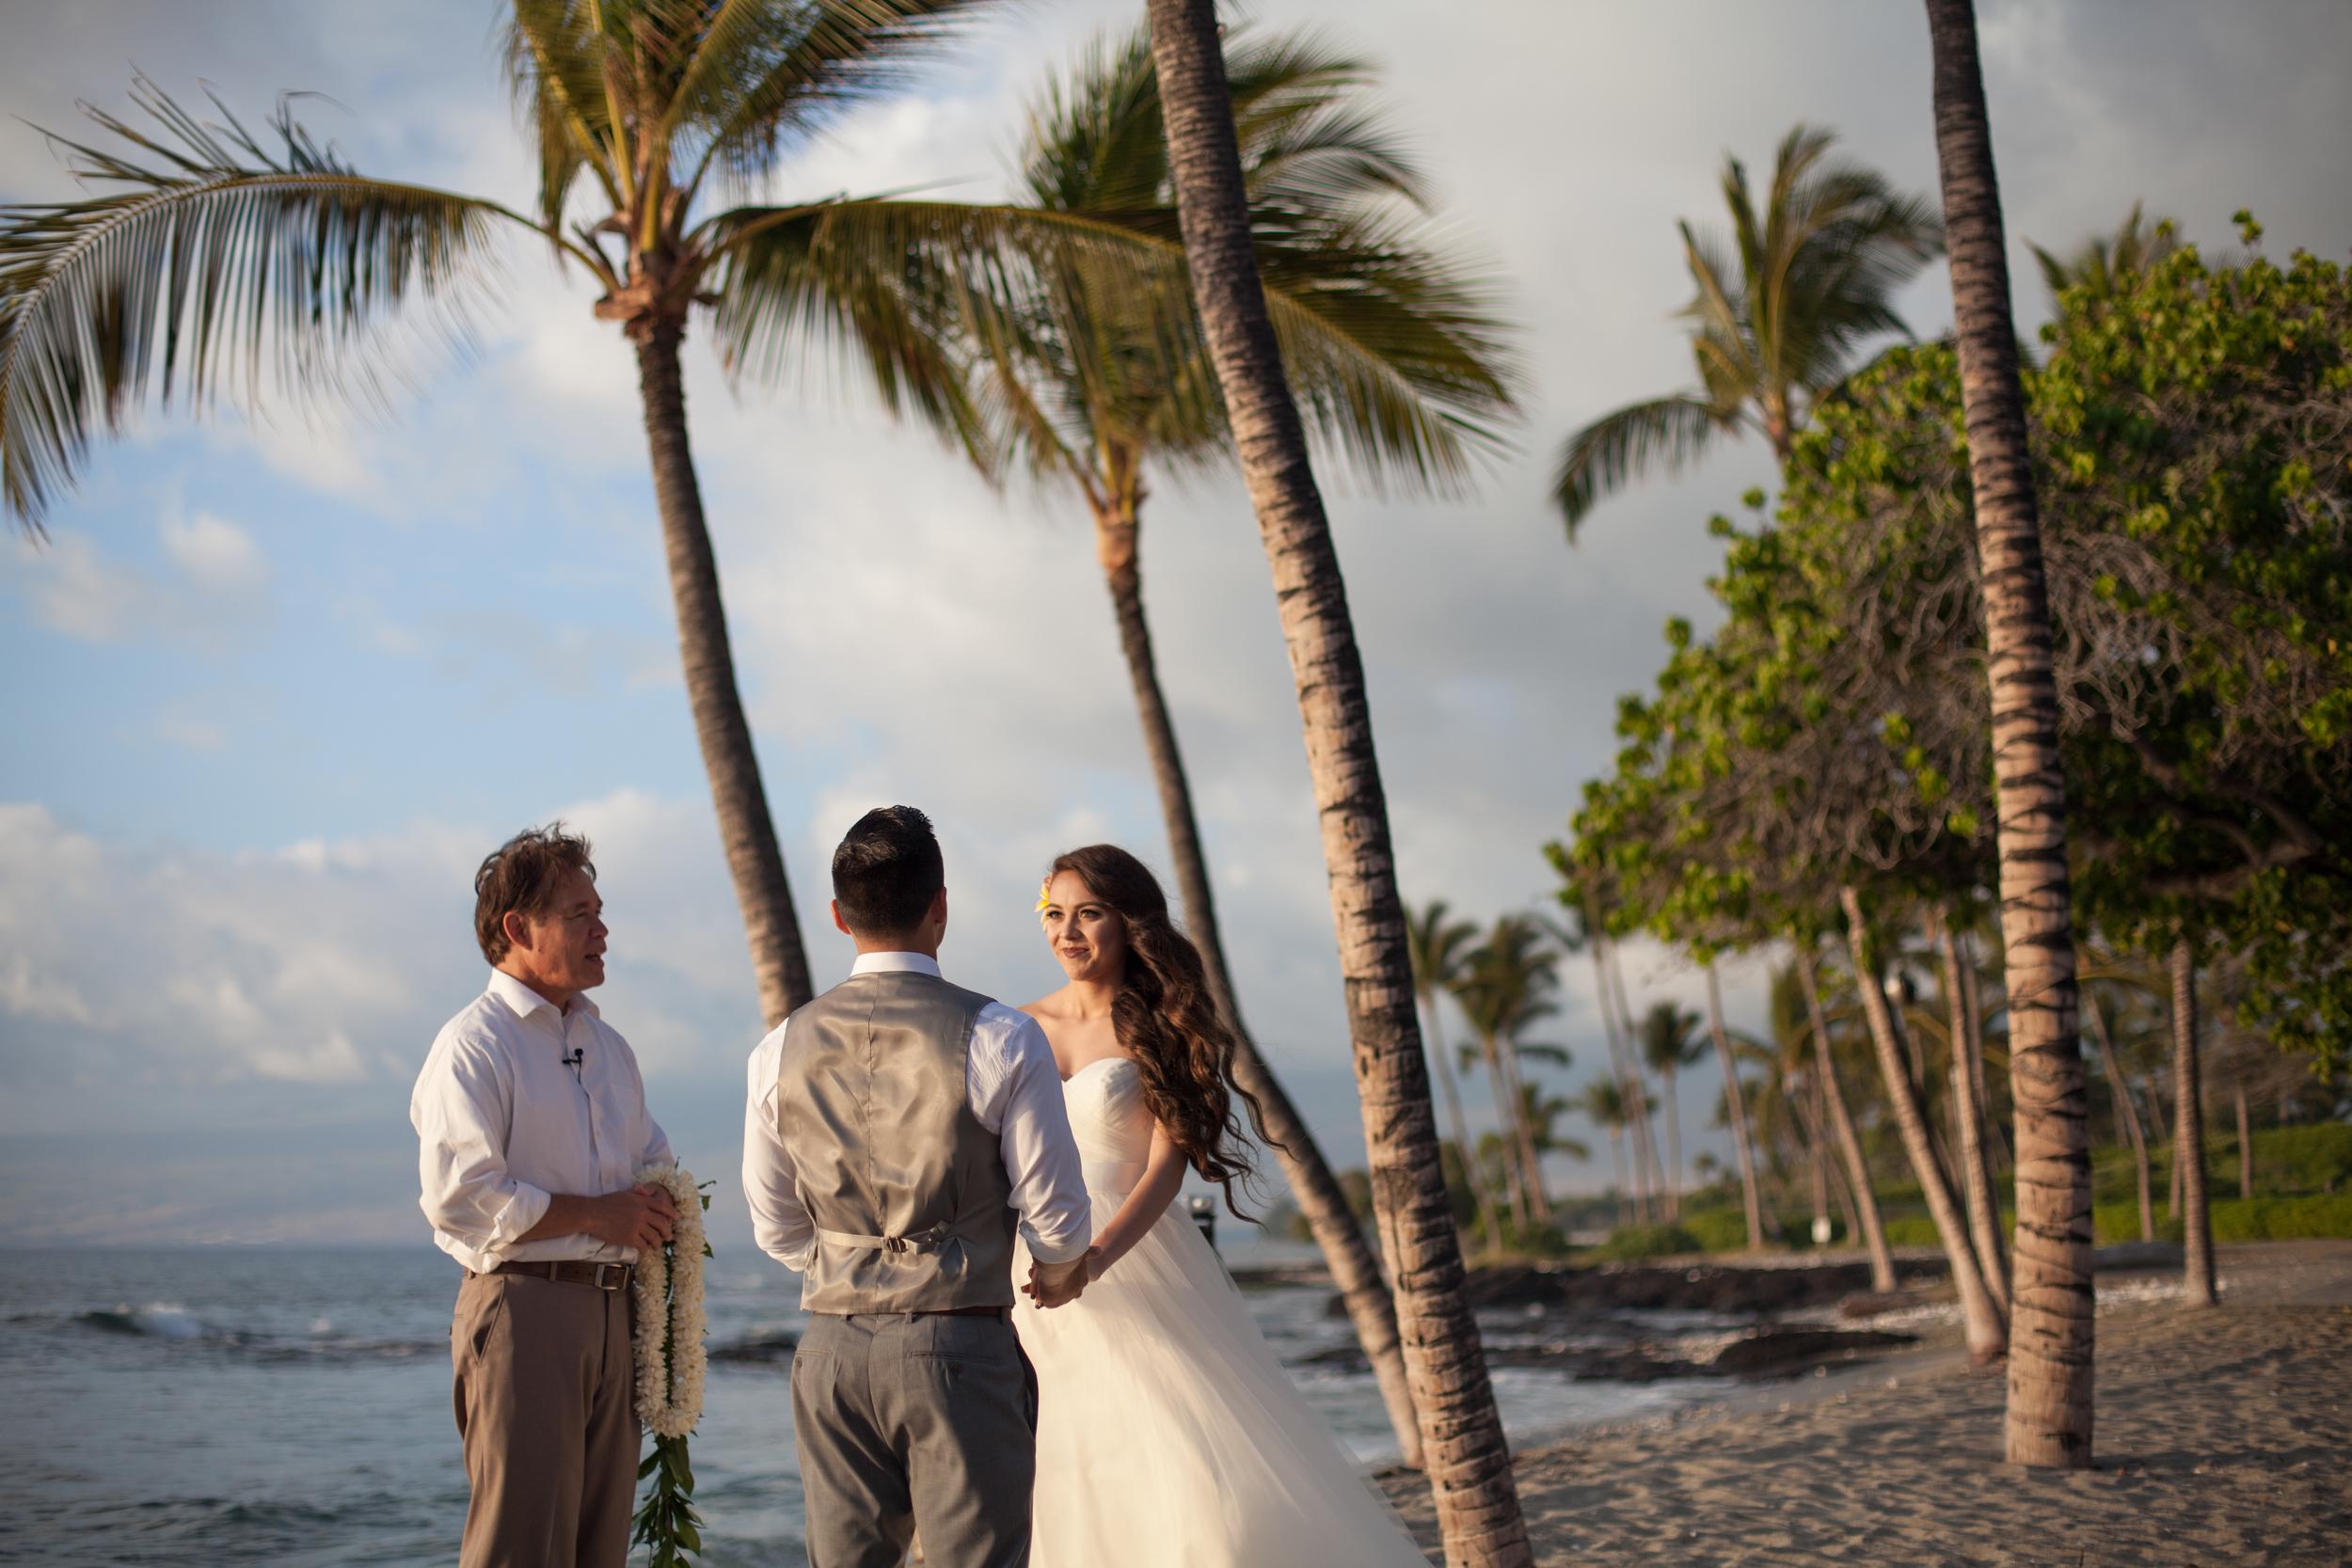 big island hawaii mauna lani resort wedding © kelilina photography 20160523182112-1.jpg